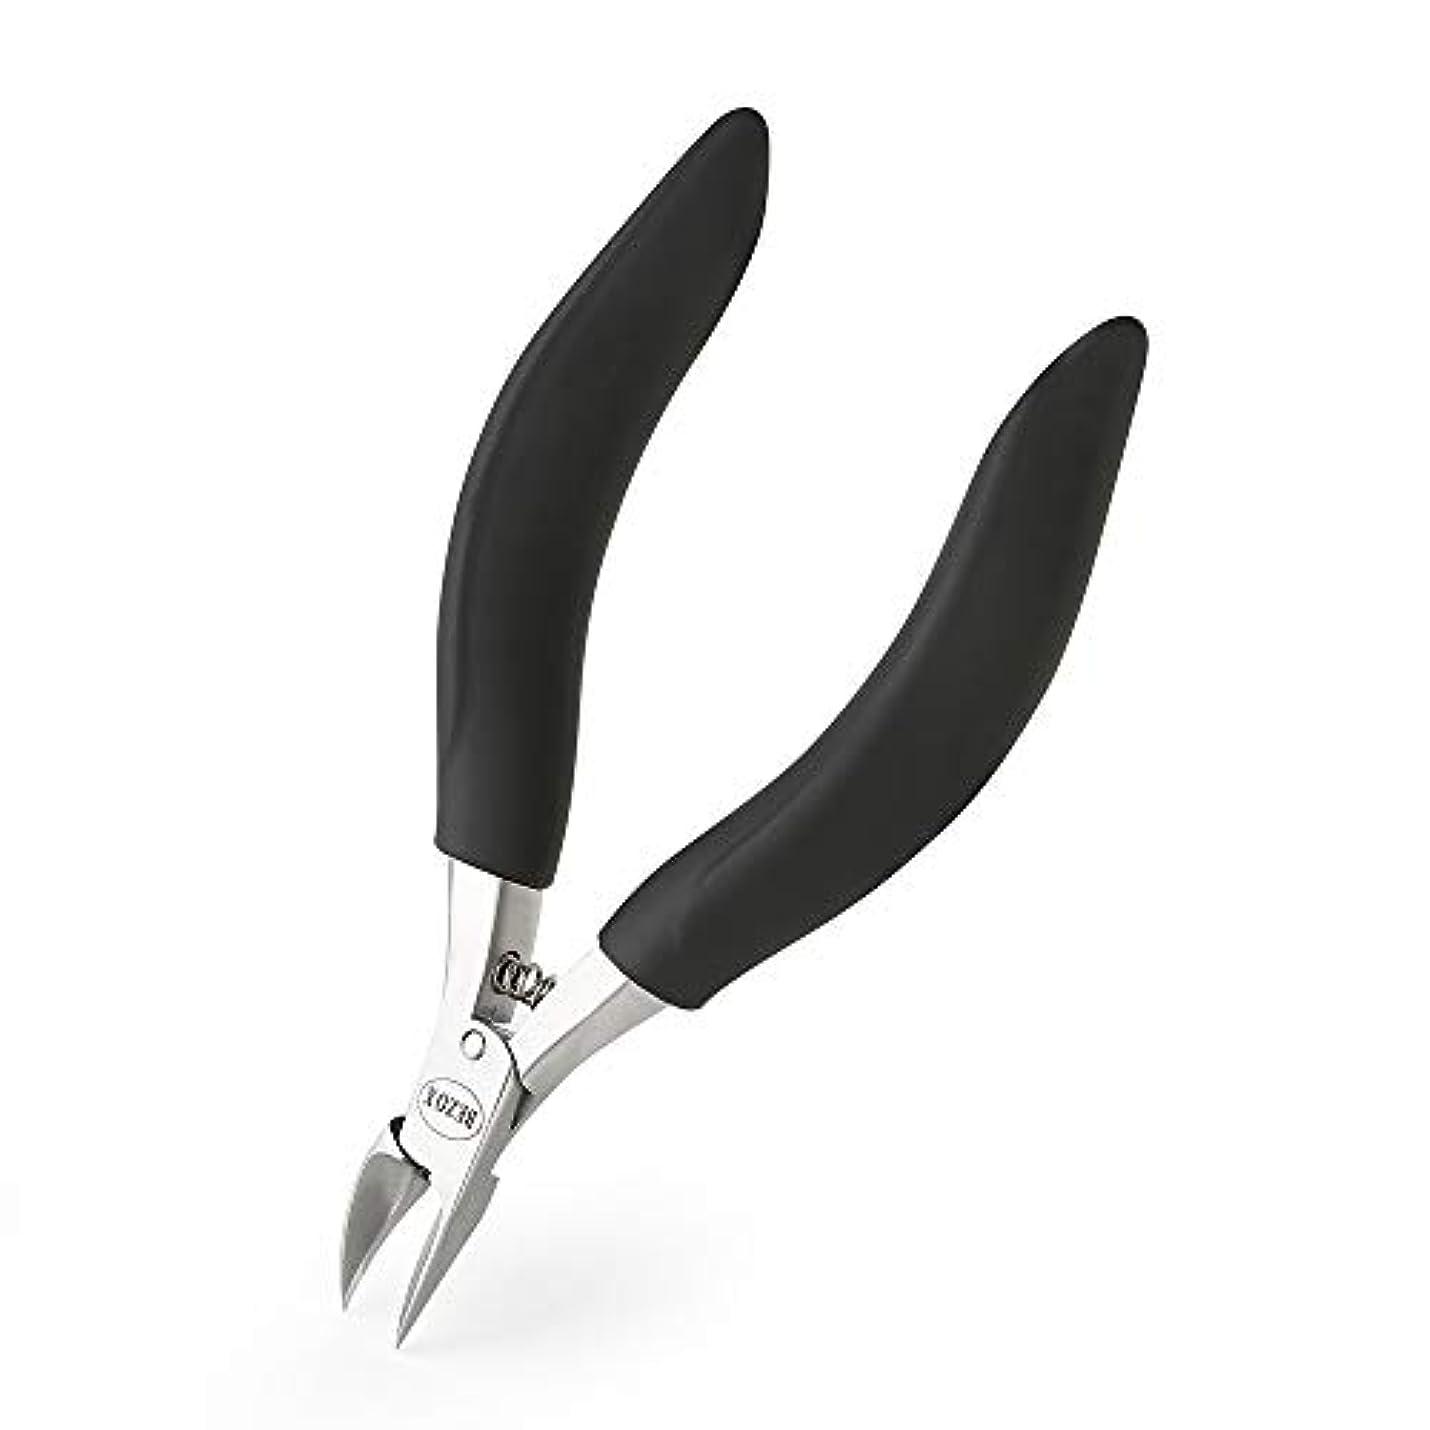 BEZOX 爪切り- 厚い爪や陥入爪用の足爪用 - 持ち手部分が長く、丈夫な爪切り- 医療用ステンレススチール使用 – 金属製専用保管ケース付き (ブラック)